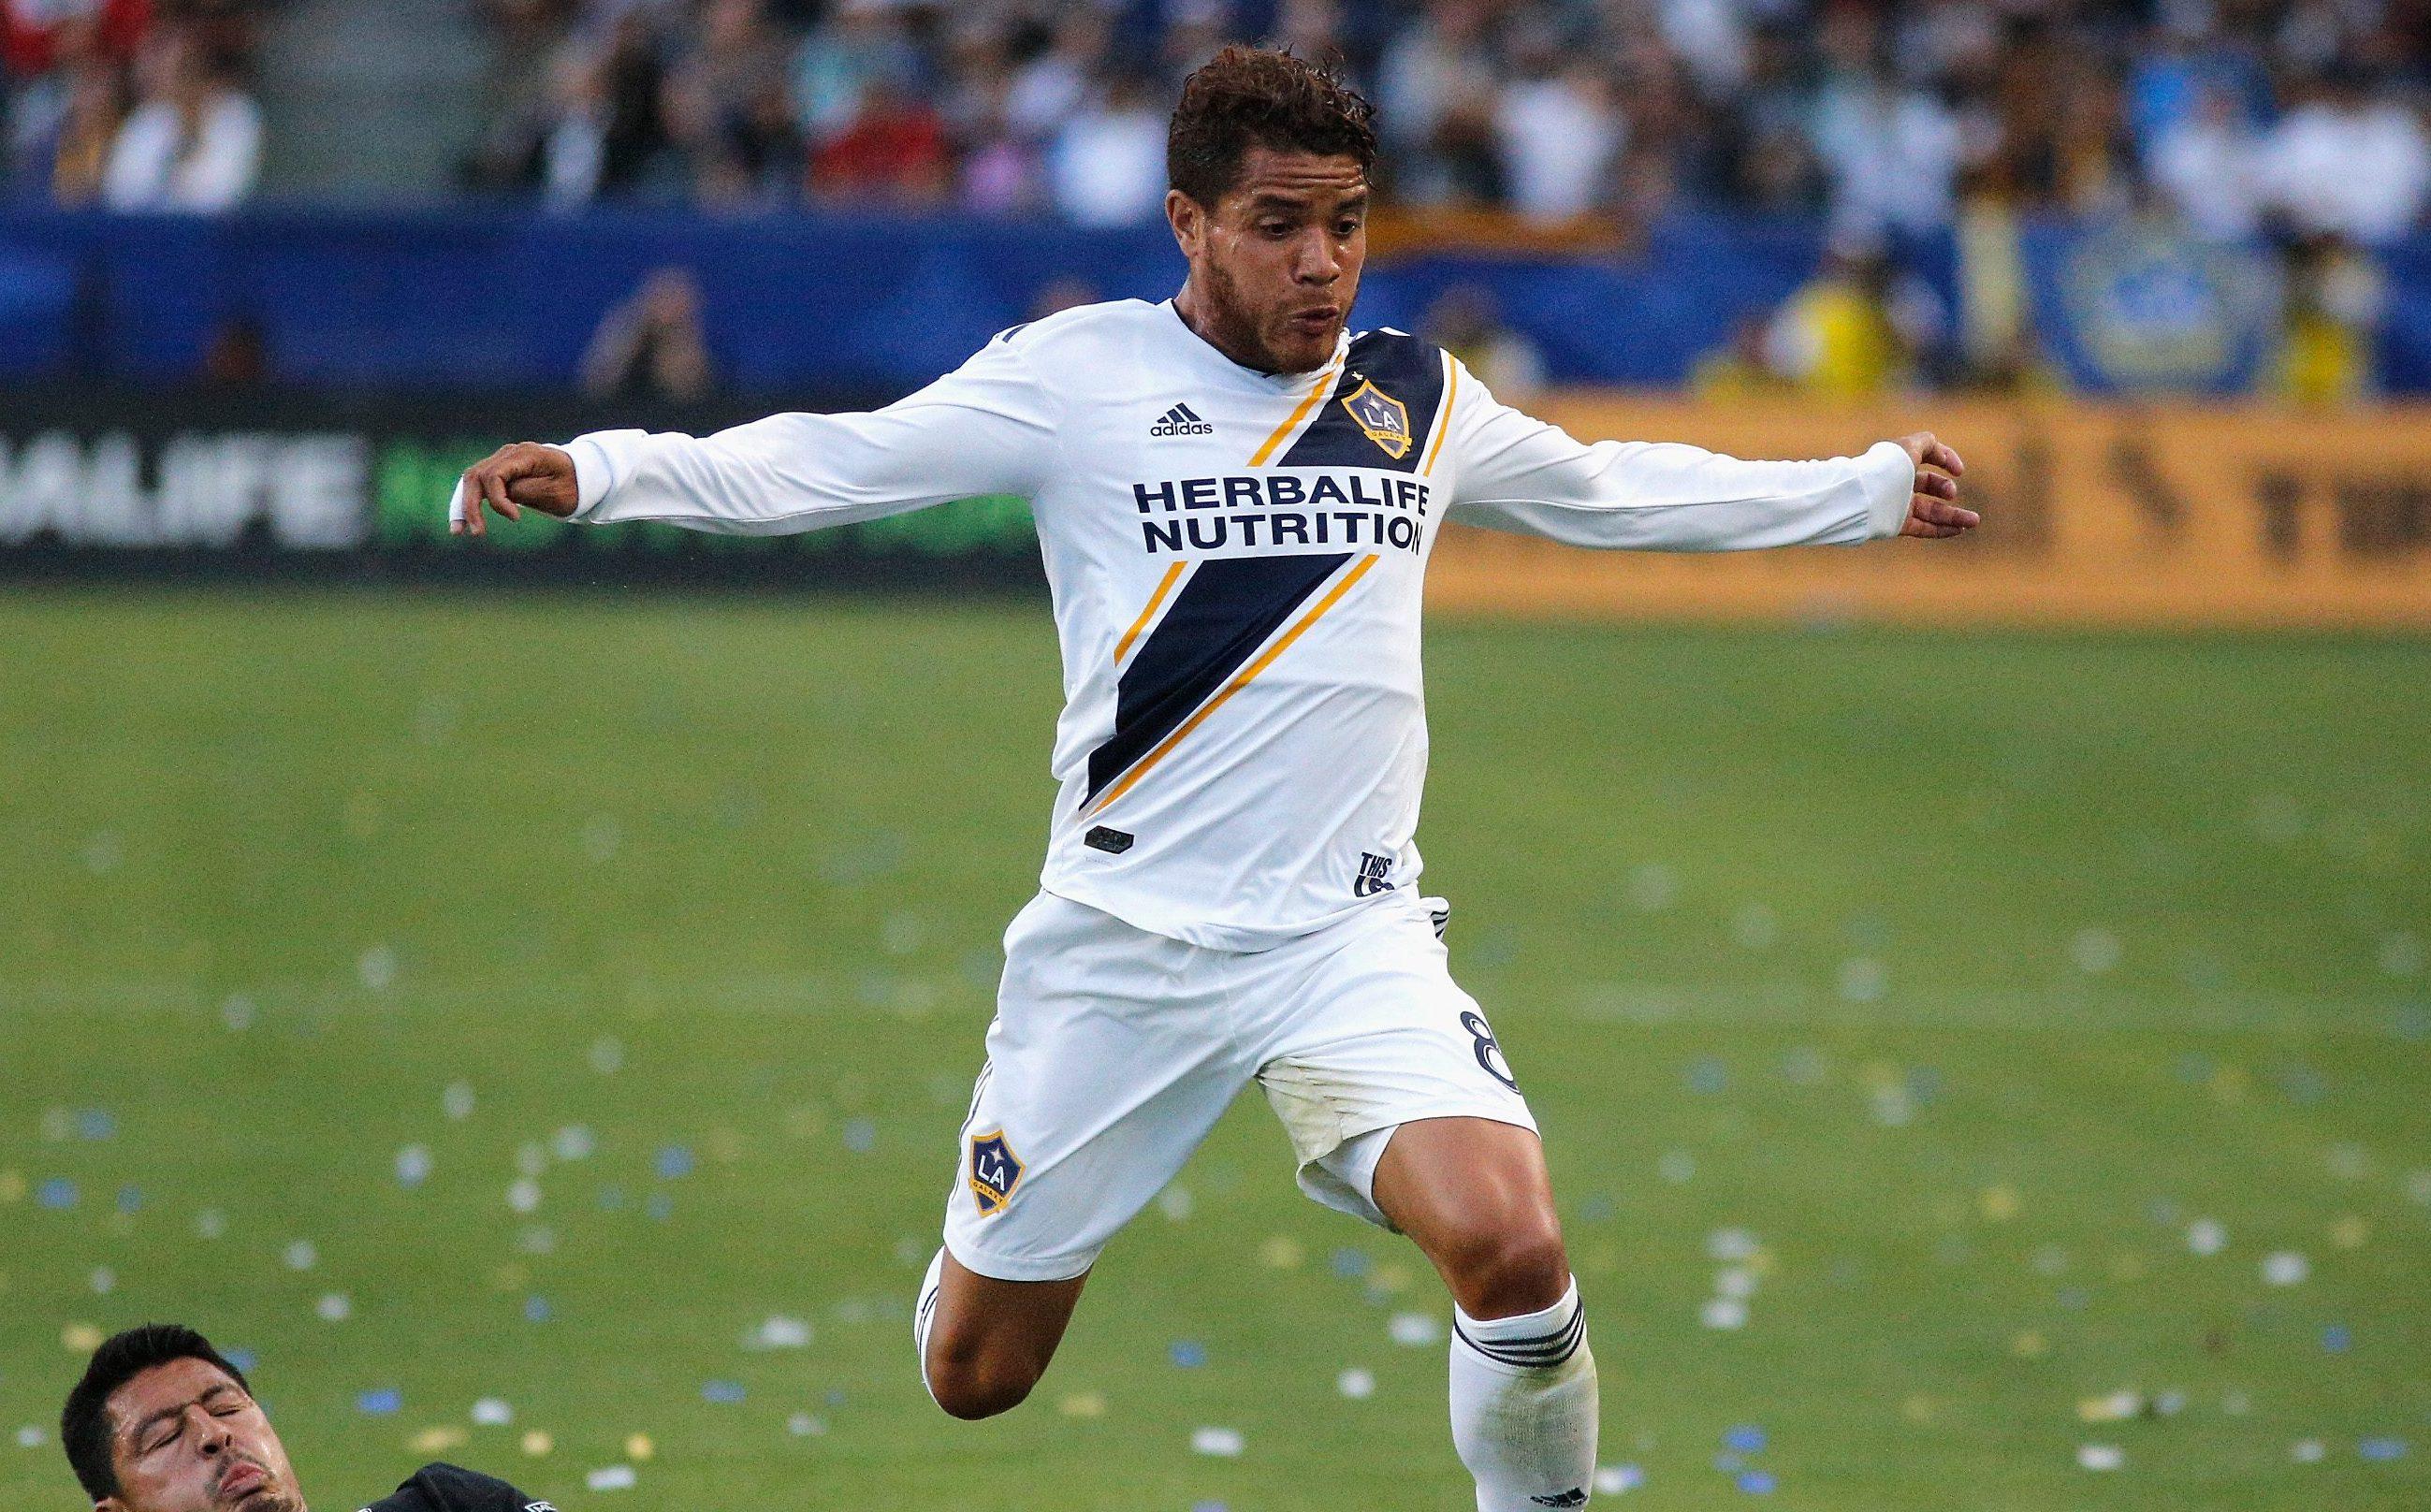 Barros Schelotto Técnico Galaxy Hermanos Dos Santos MLS